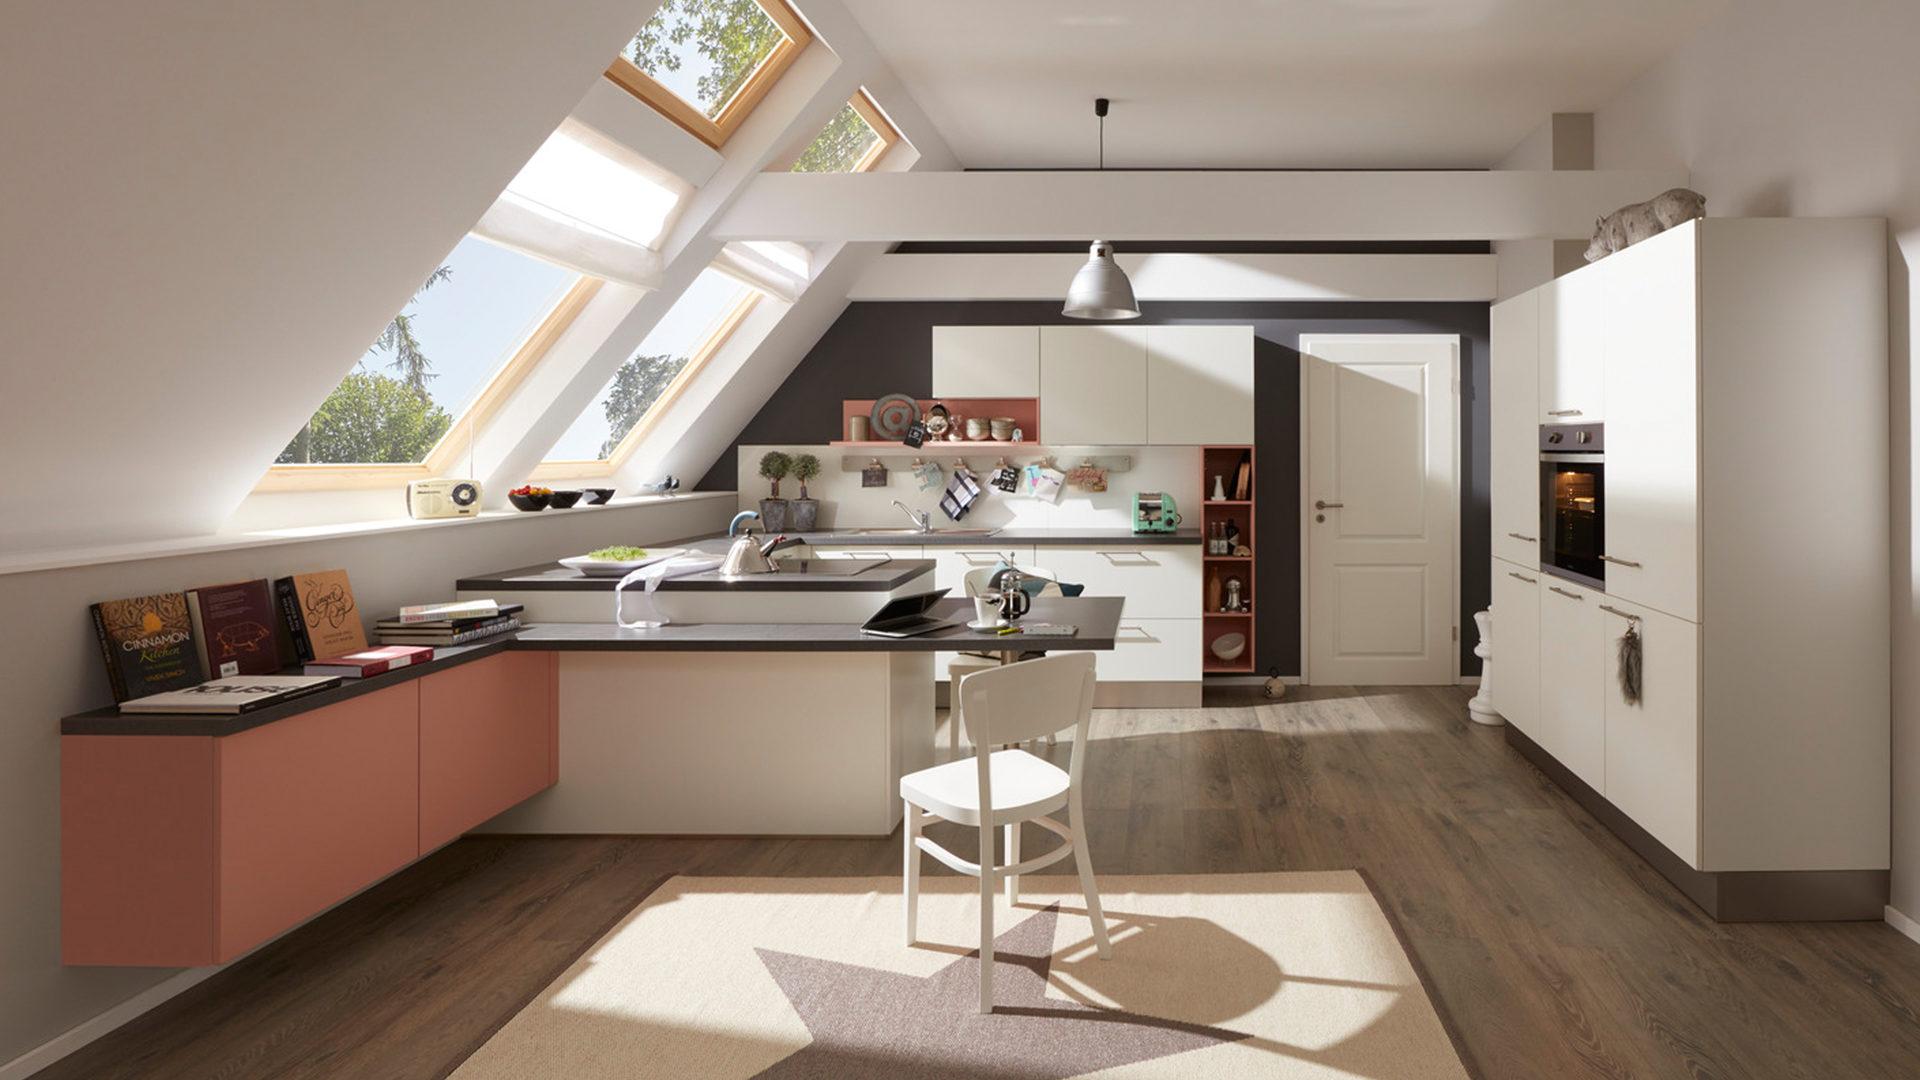 Möbel Steffens Küchen küchen culineo einbauküche einbauküche systemküche lamstedt